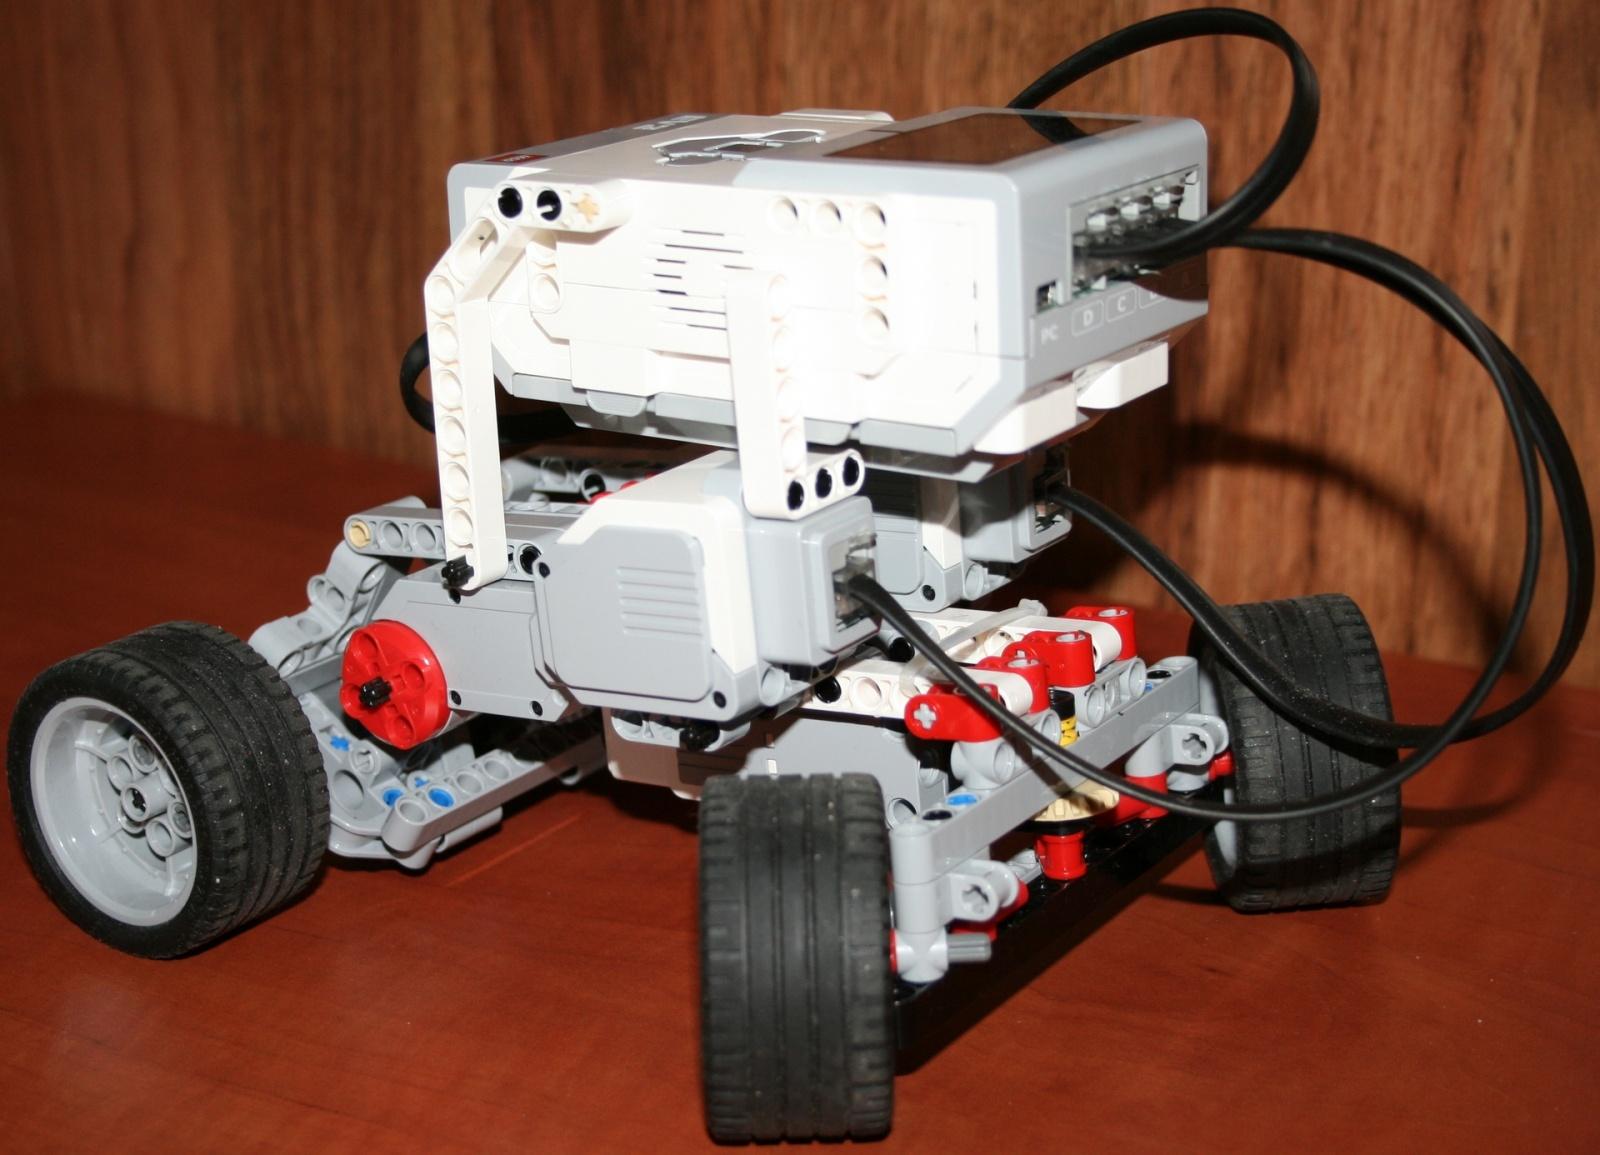 Взаимодействие с роботом на базе конструктора Lego Mindstorms EV3 через RCML - 1